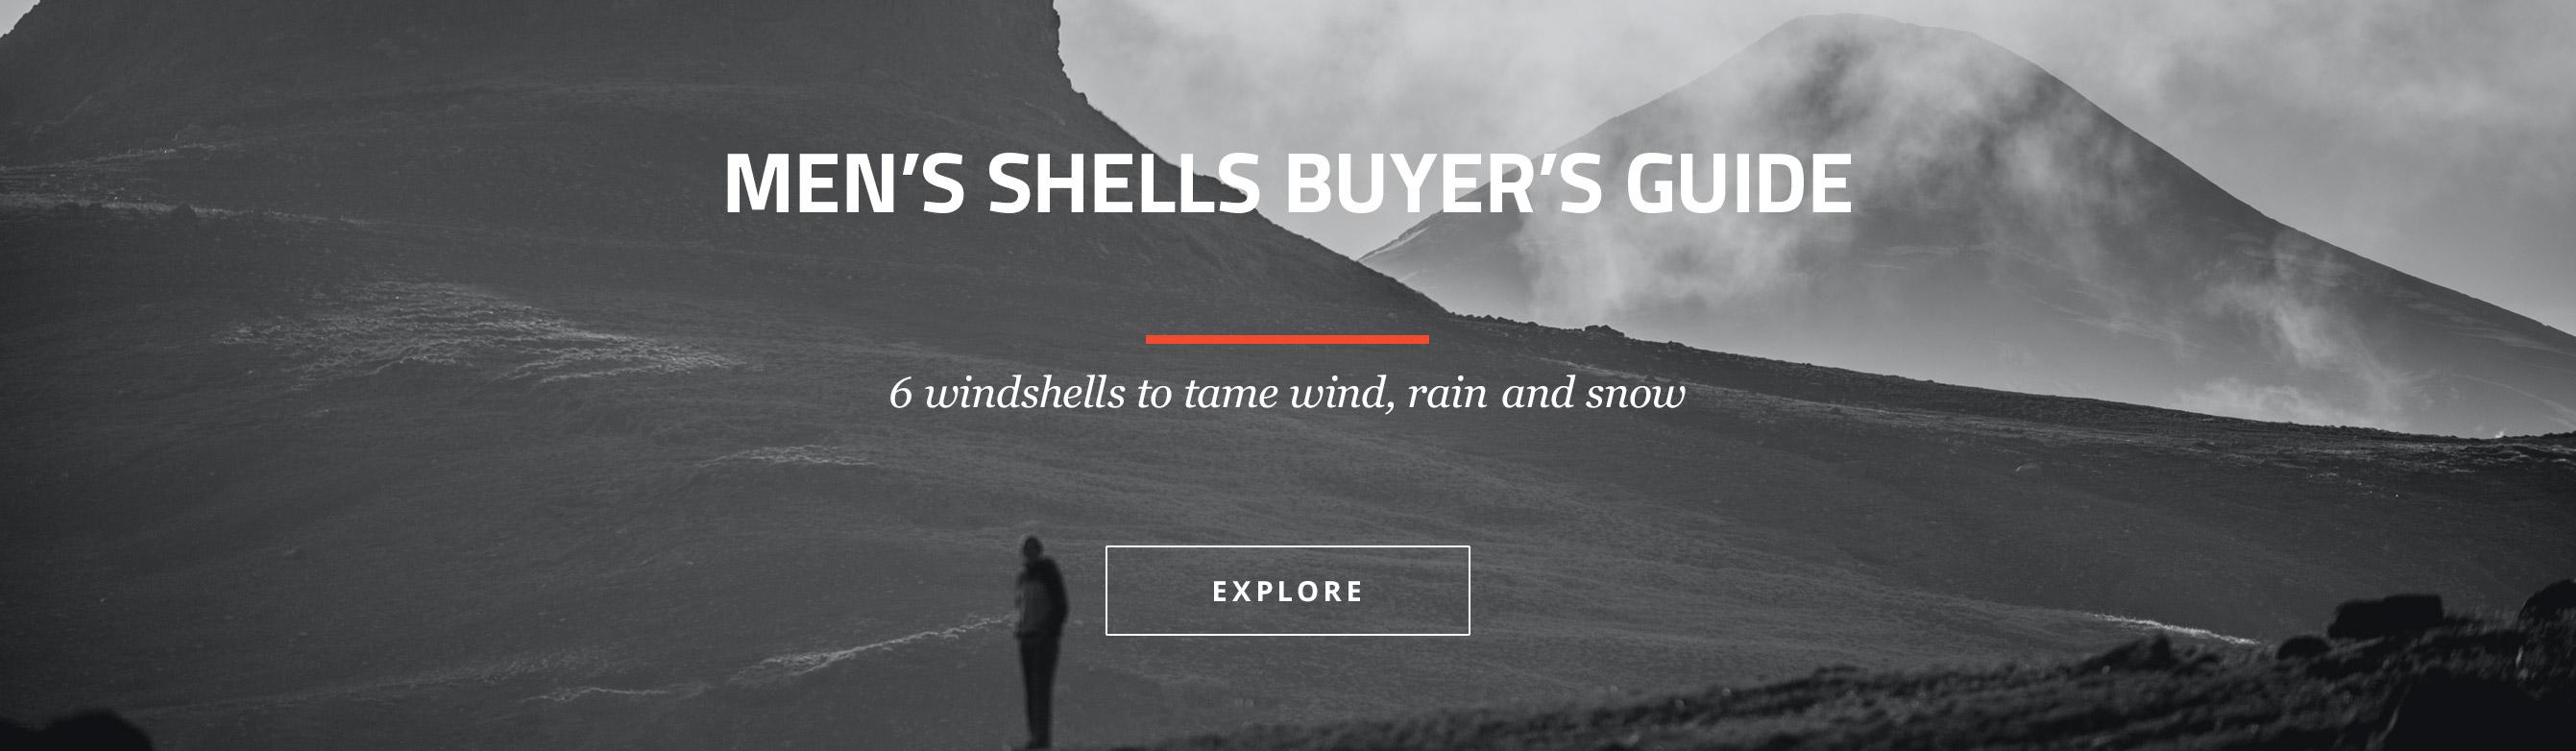 Men's Shells Buyer's Guide